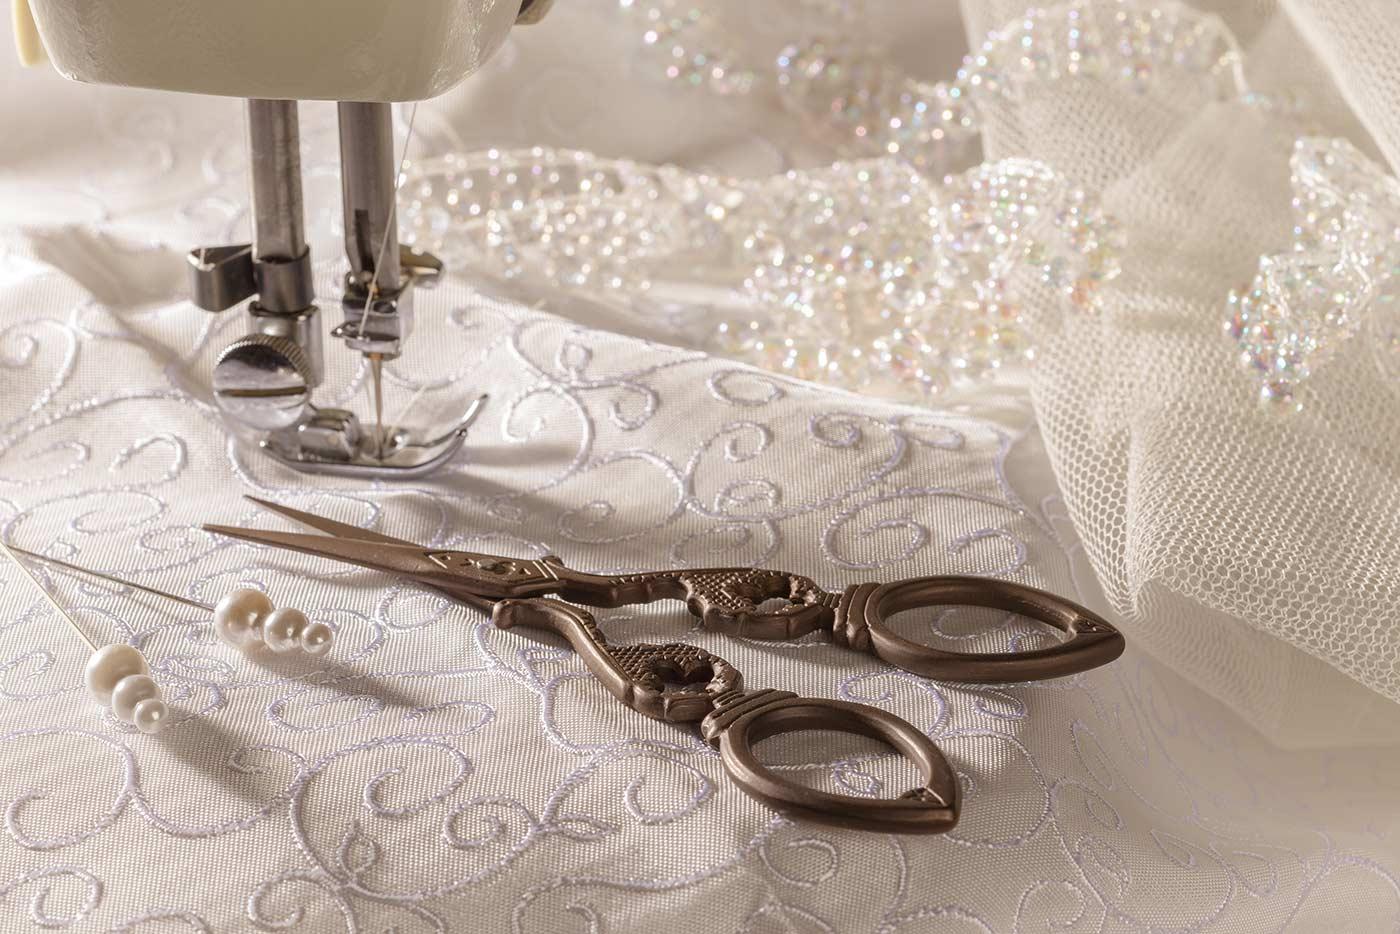 Hochzeitskleid waschen